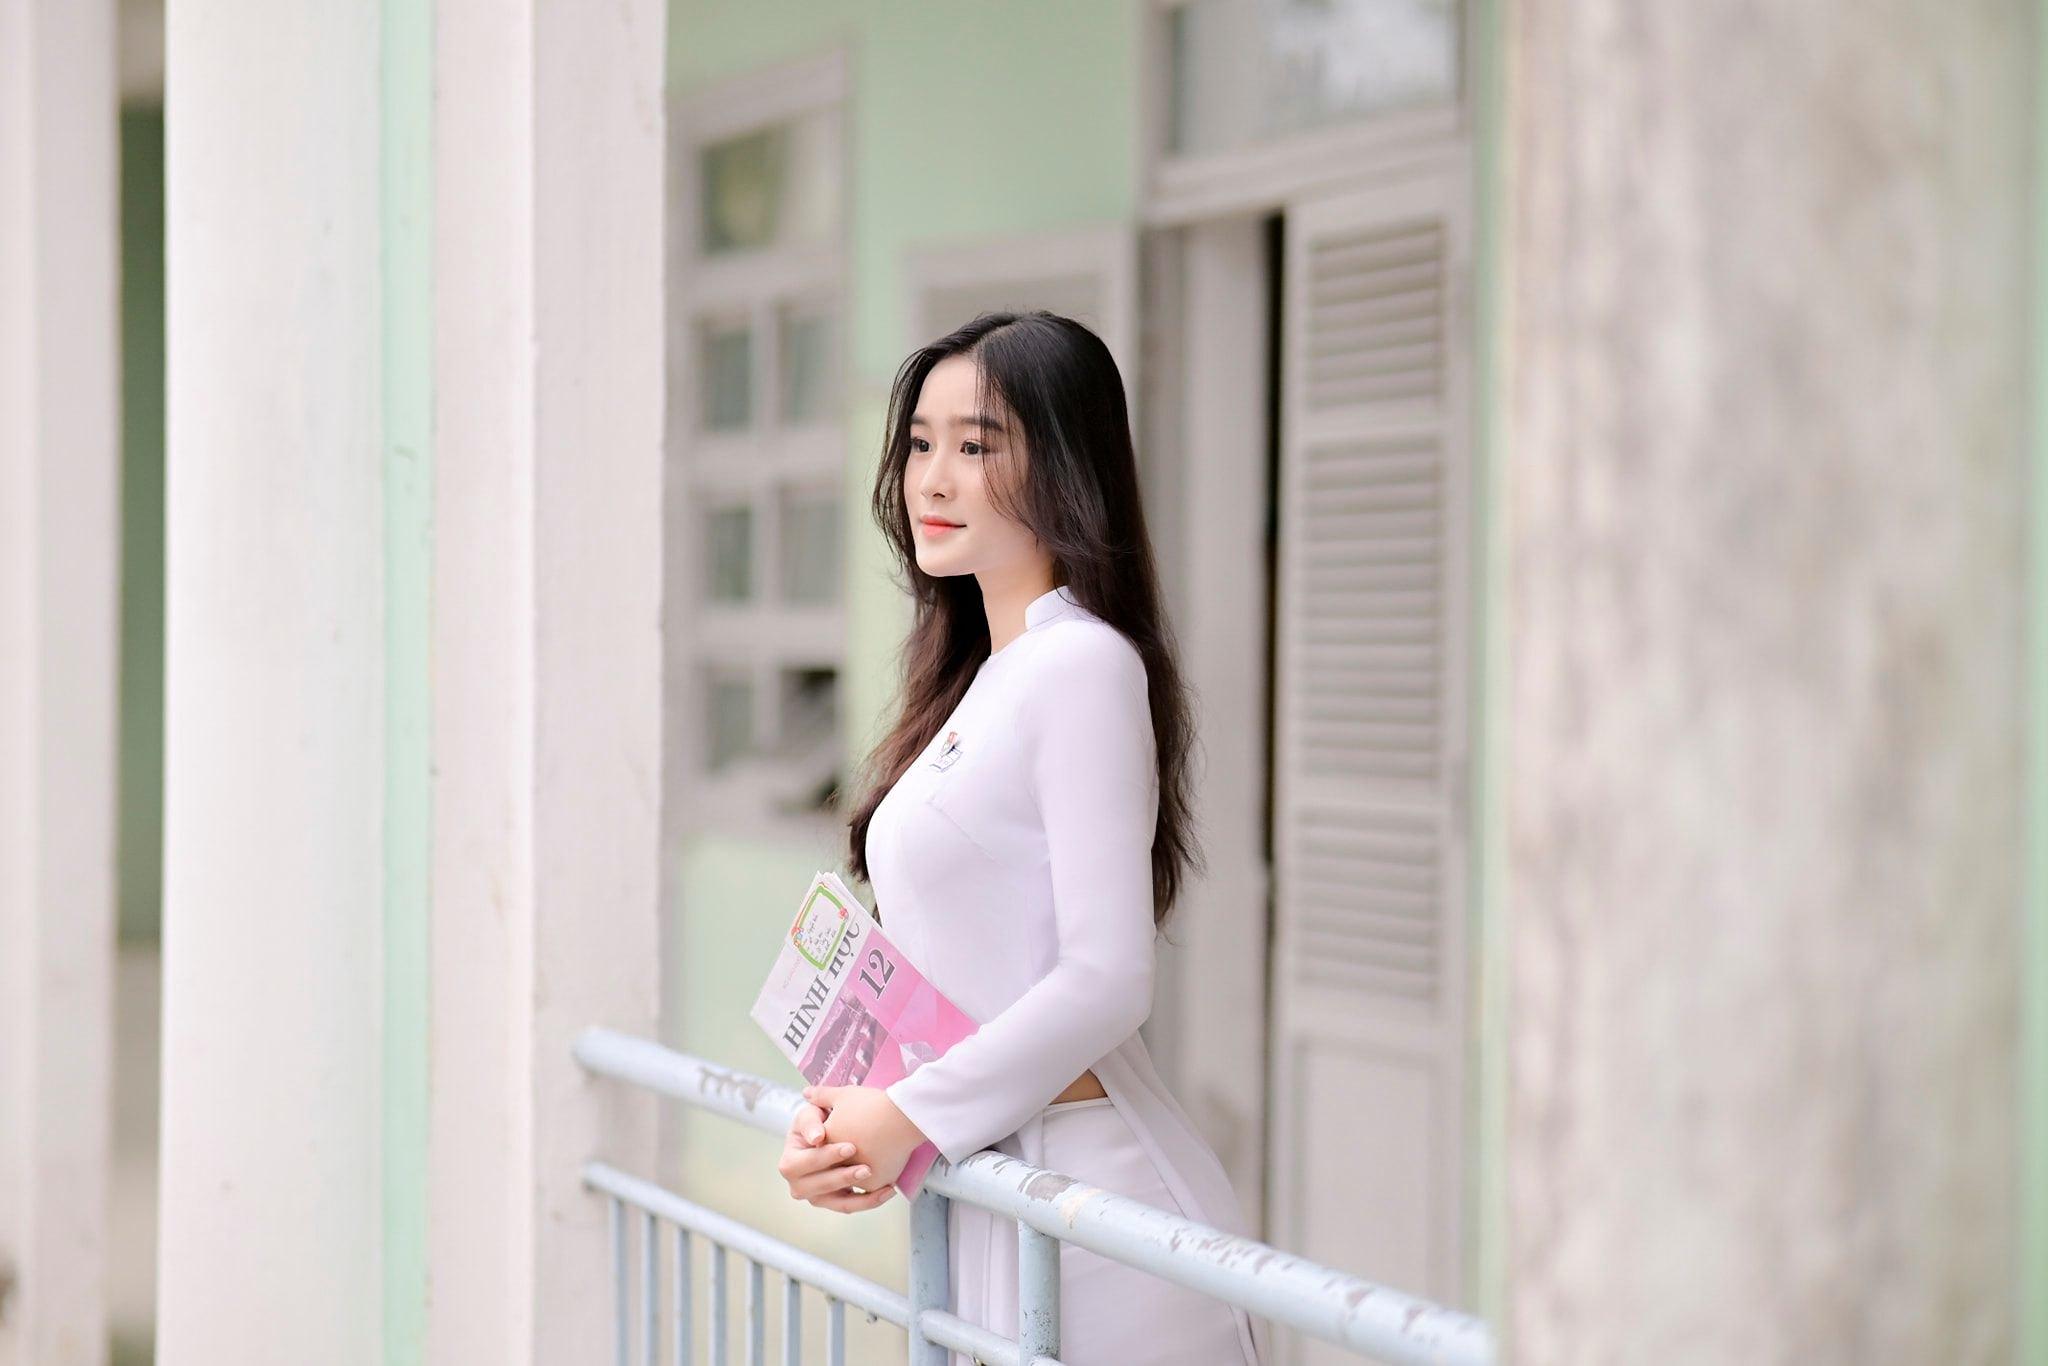 Tuyển tập girl xinh gái đẹp Việt Nam mặc áo dài đẹp mê hồn #57 - 14